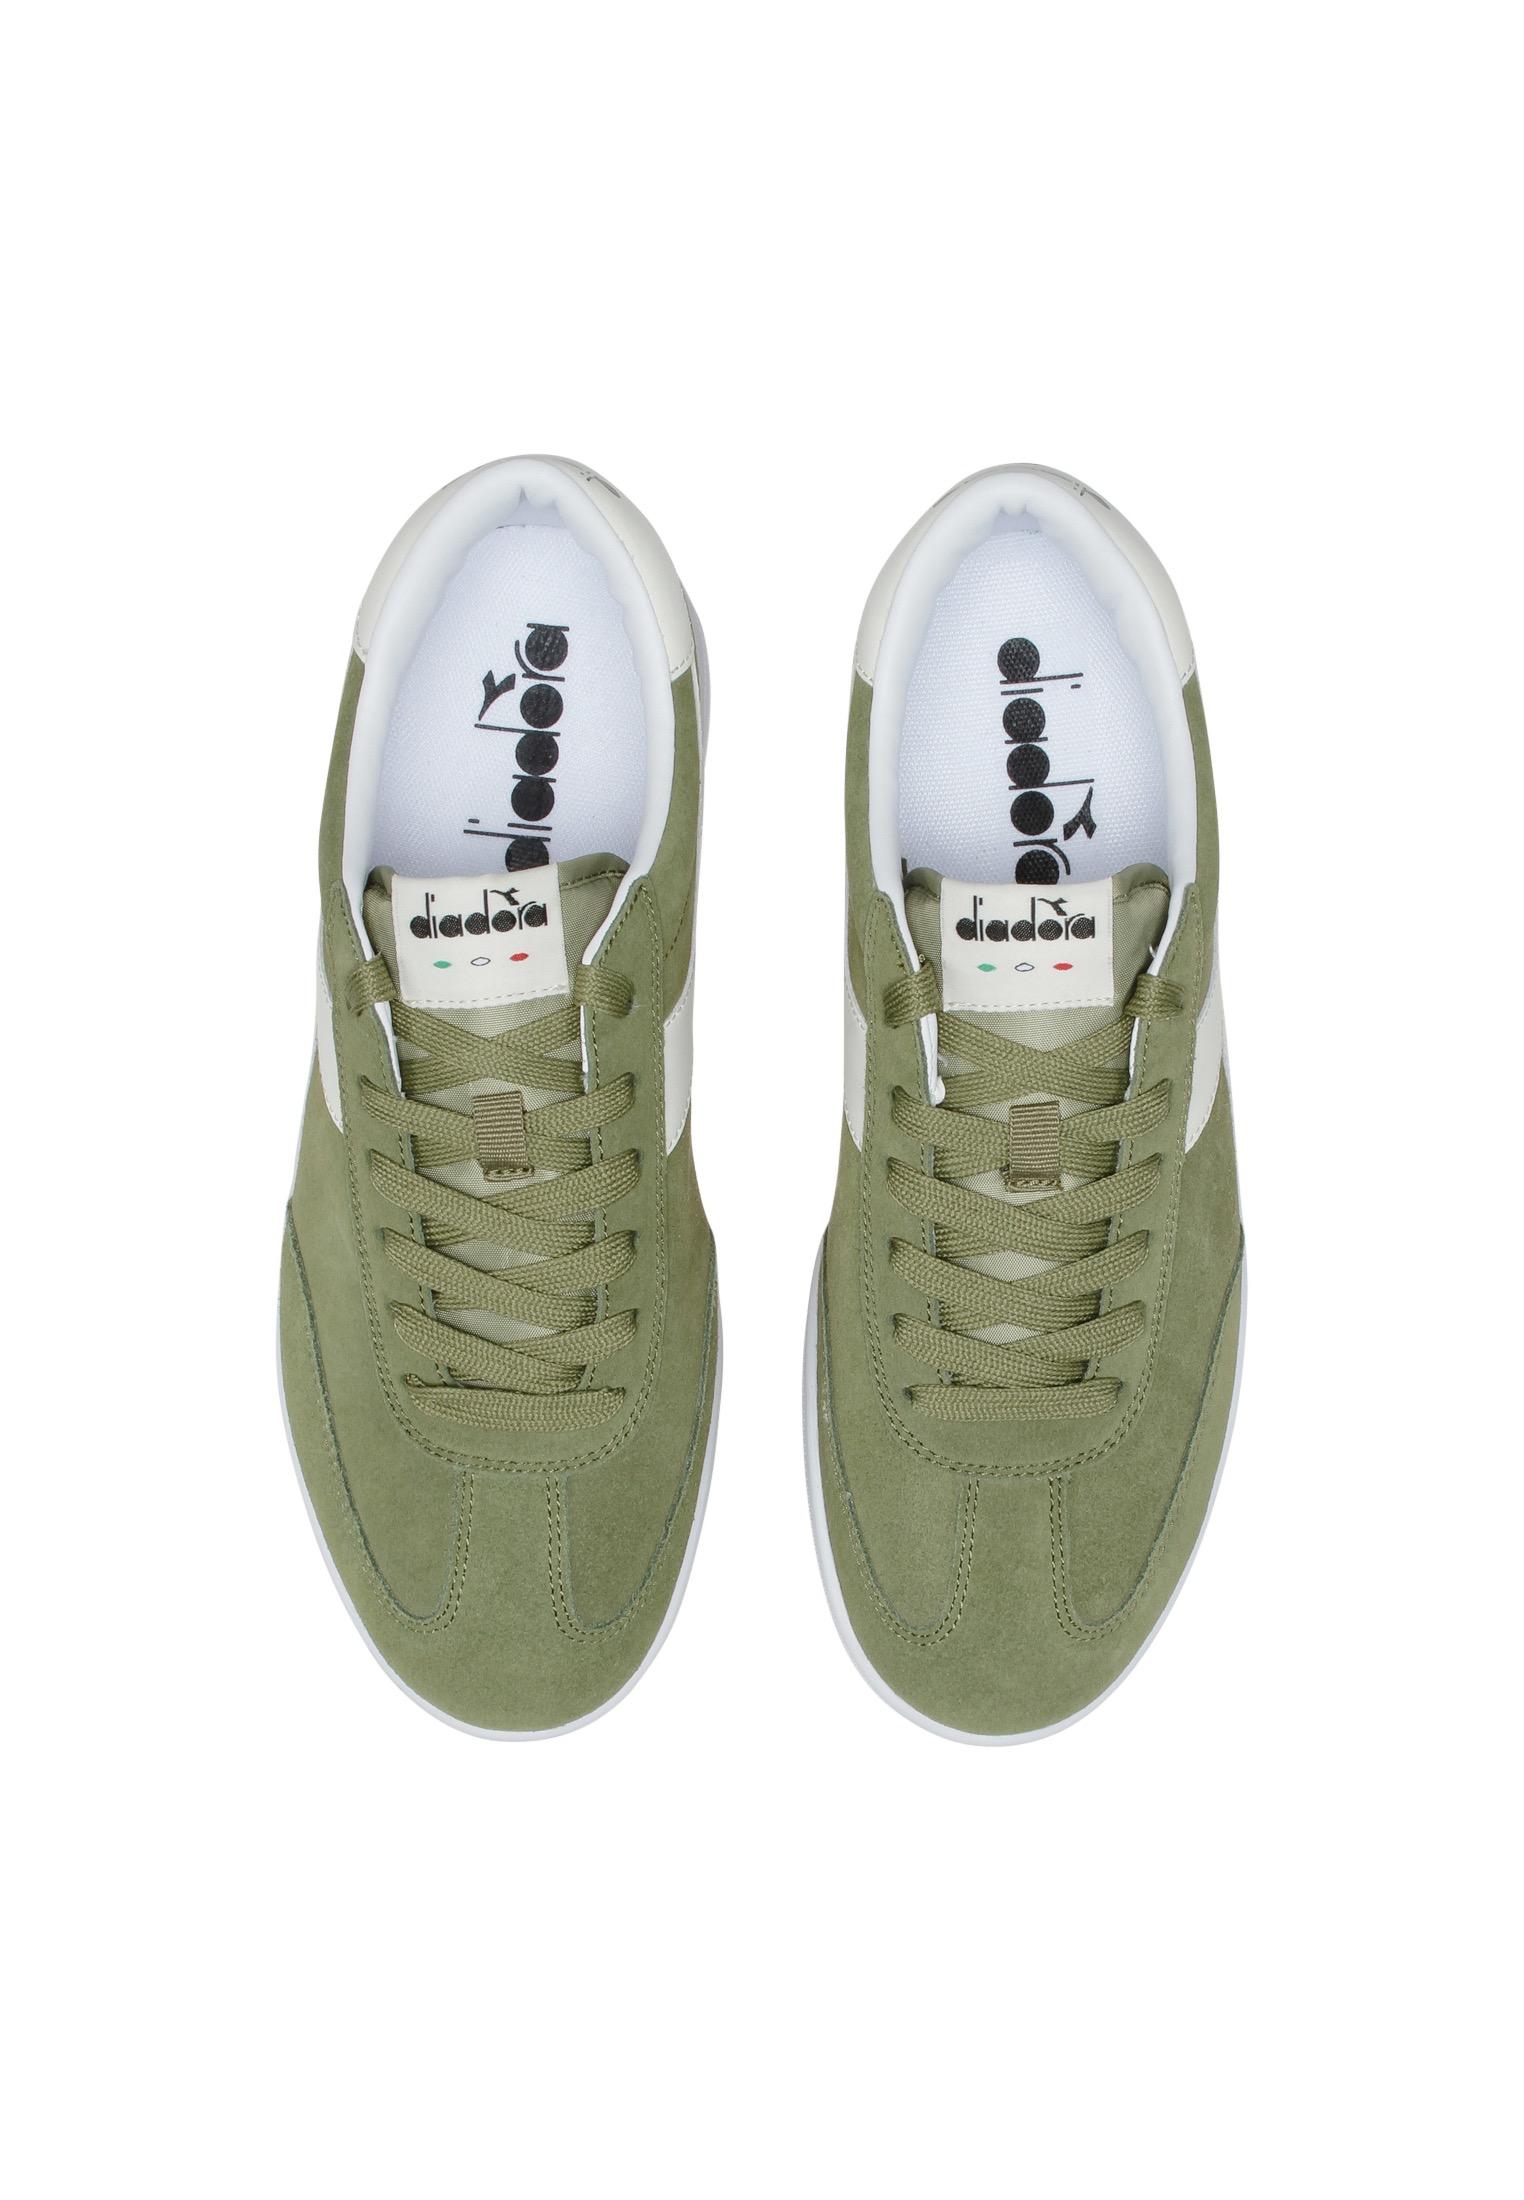 miniatura 6 - Diadora - Sneakers FIELD per uomo e donna